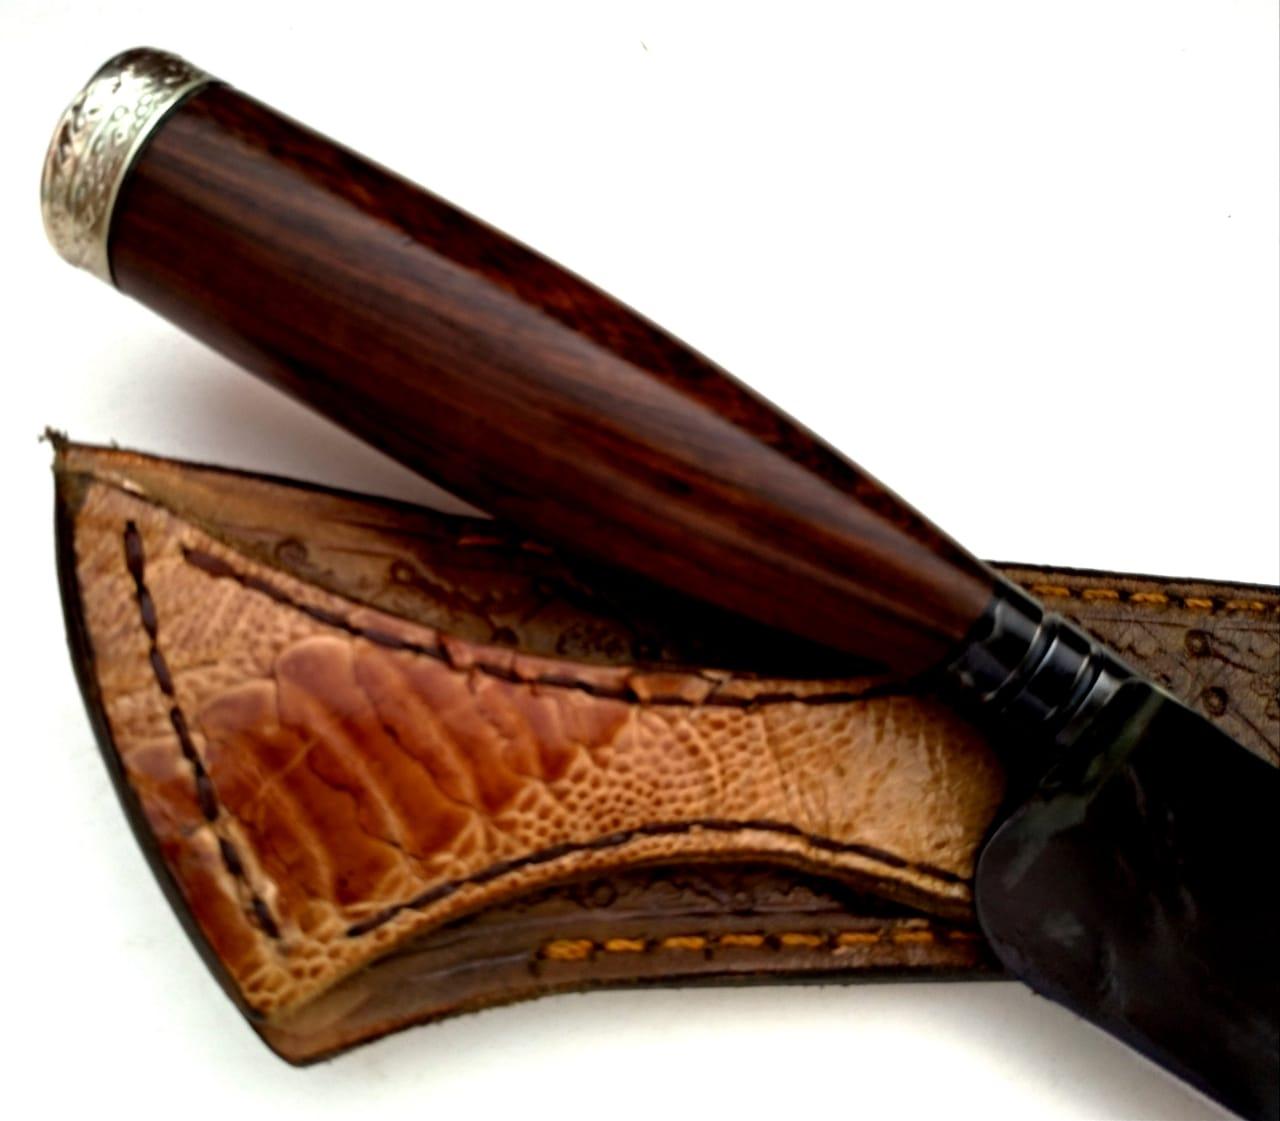 Faca artesanal forjada negra aço carbono Bugre Da Campanha 11 polegadas